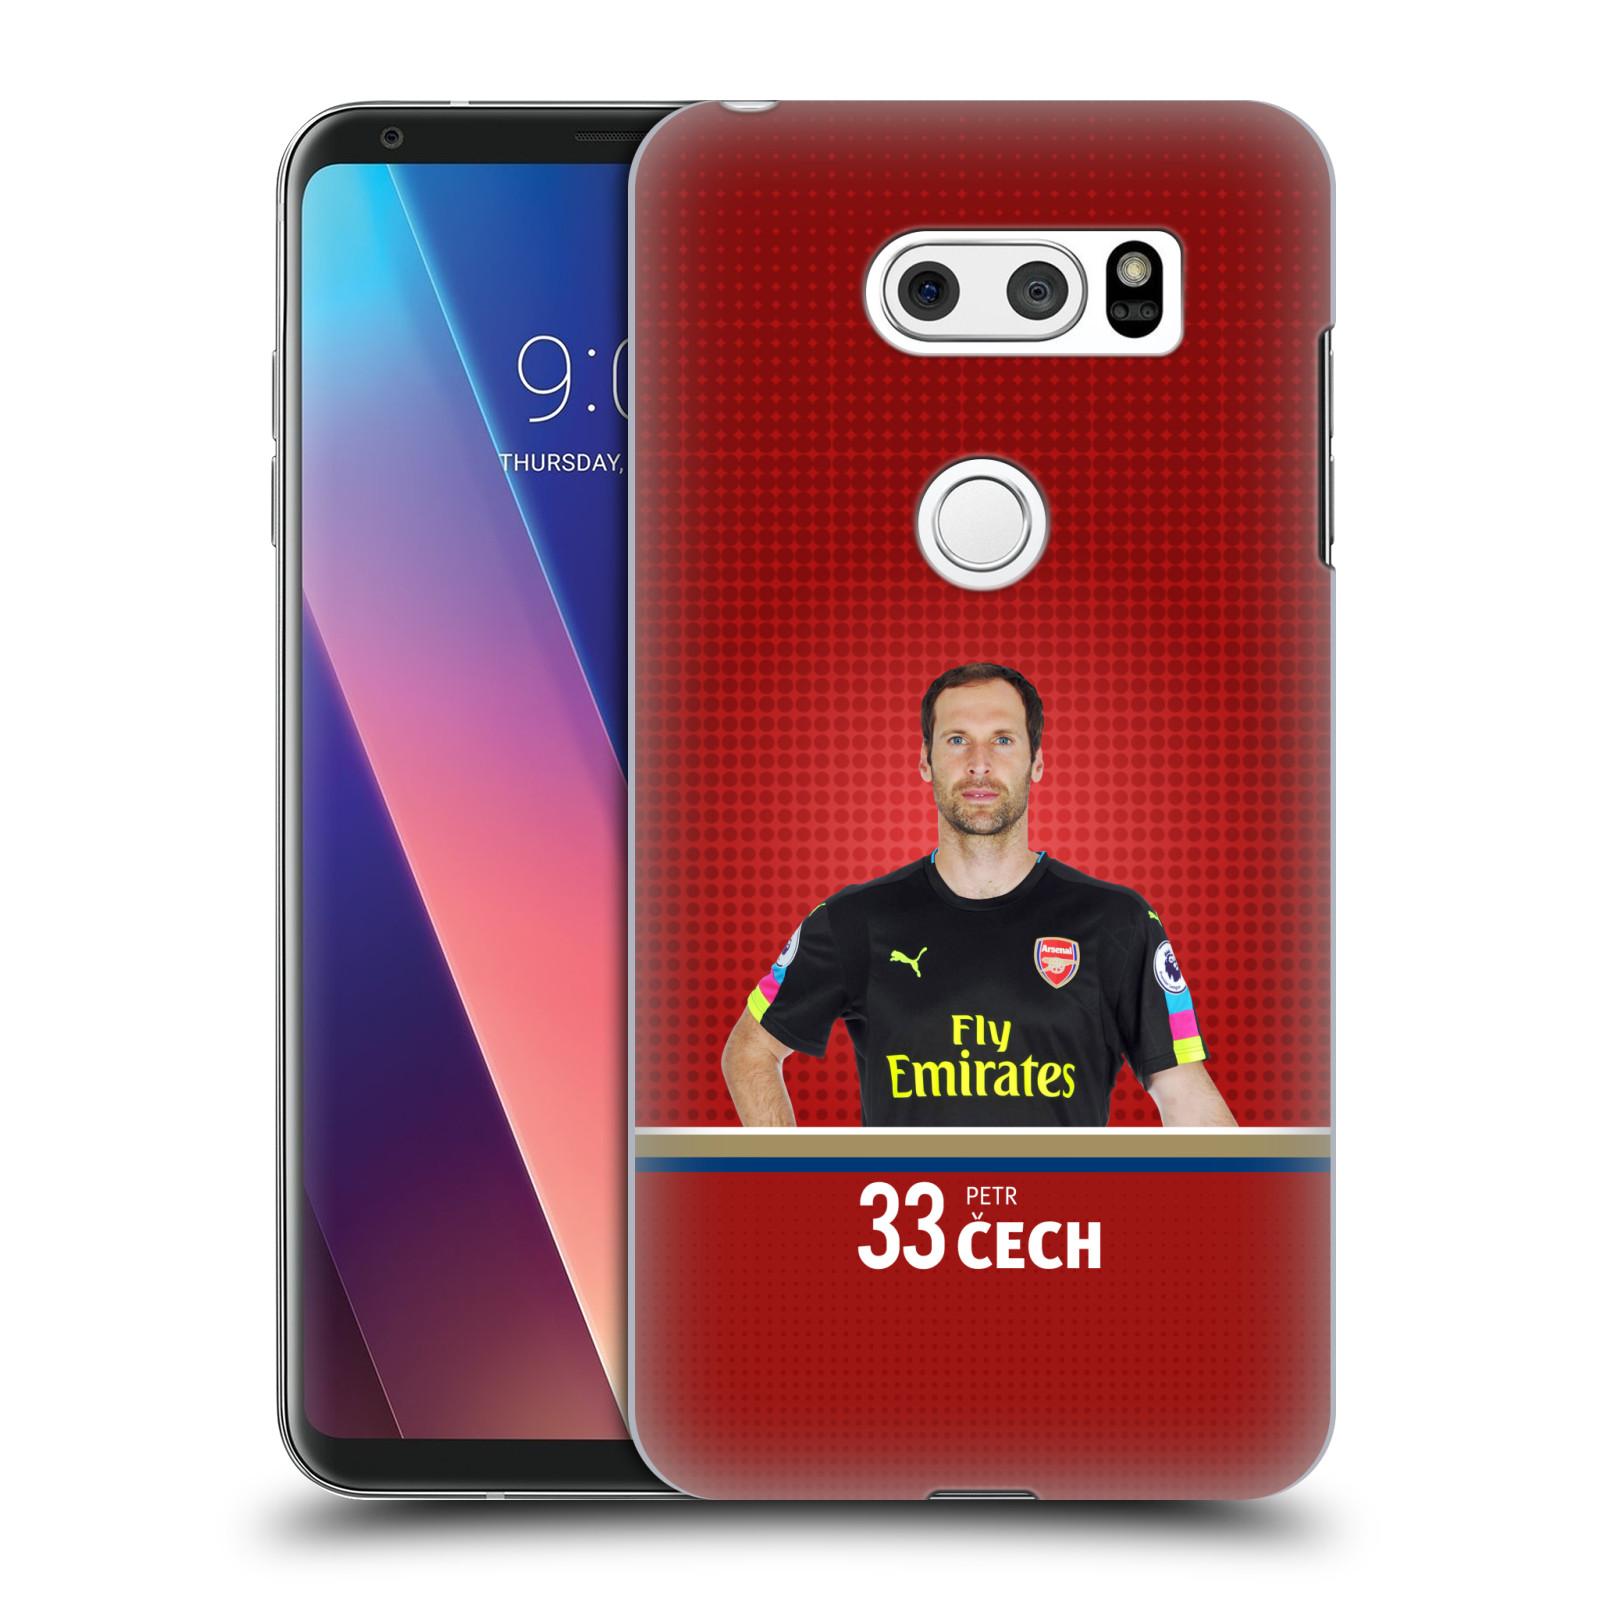 Plastové pouzdro na mobil LG V30 - Head Case - Arsenal FC - Petr Čech